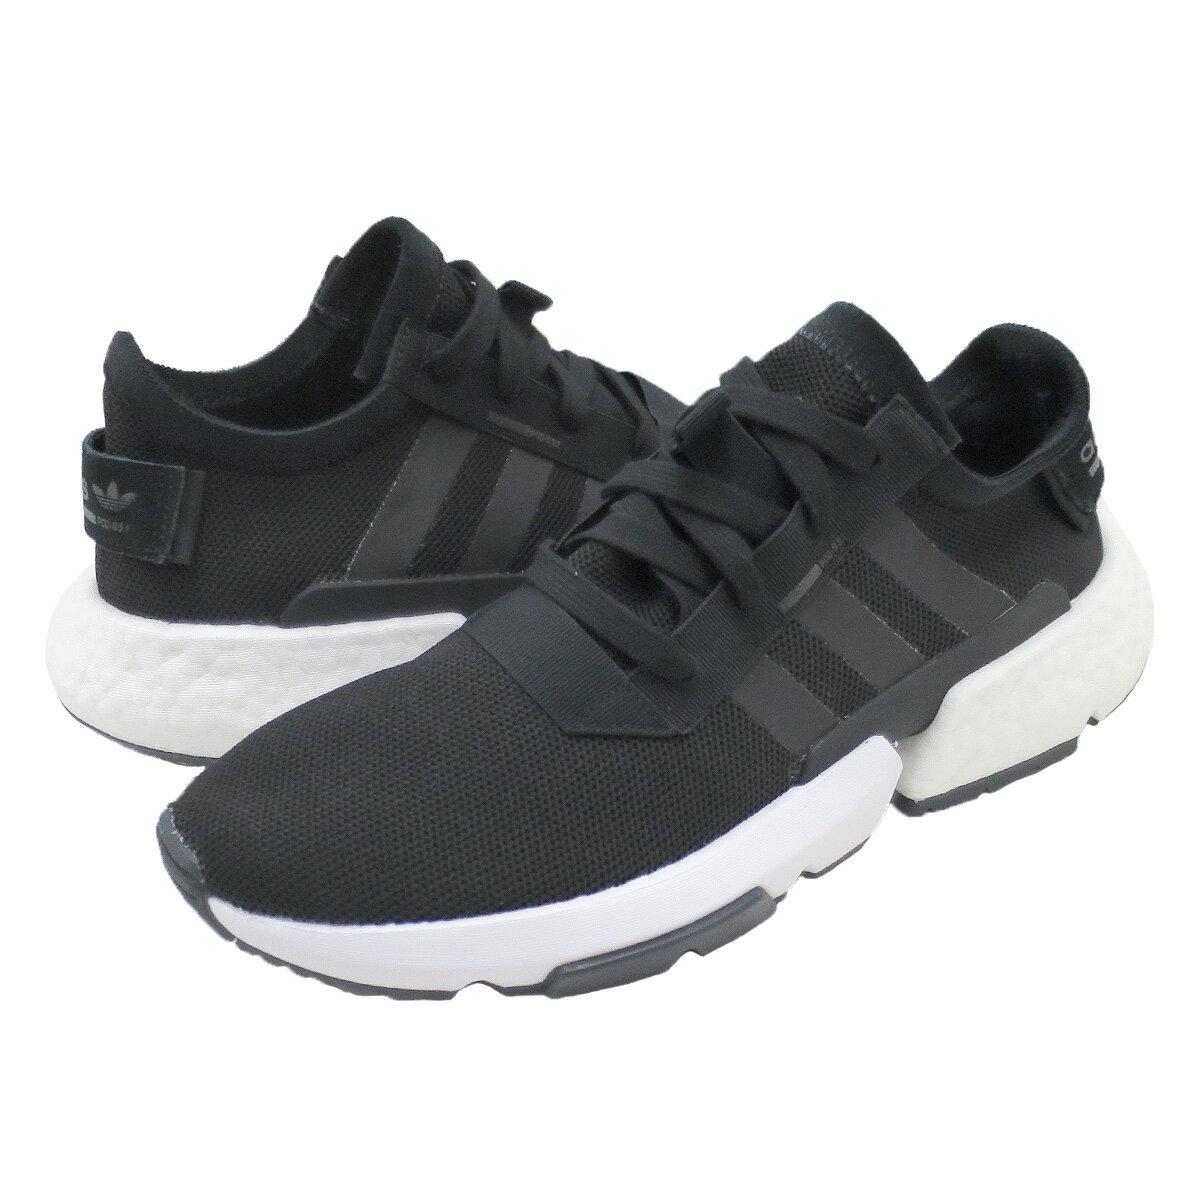 メンズ靴, スニーカー adidas POD-S3.1 KICKS LAB. KICKS LAB. EXCLUSIVE POD-S3.1 CORE BLACKRUNNING WHITERUNNING WHITE ee9695